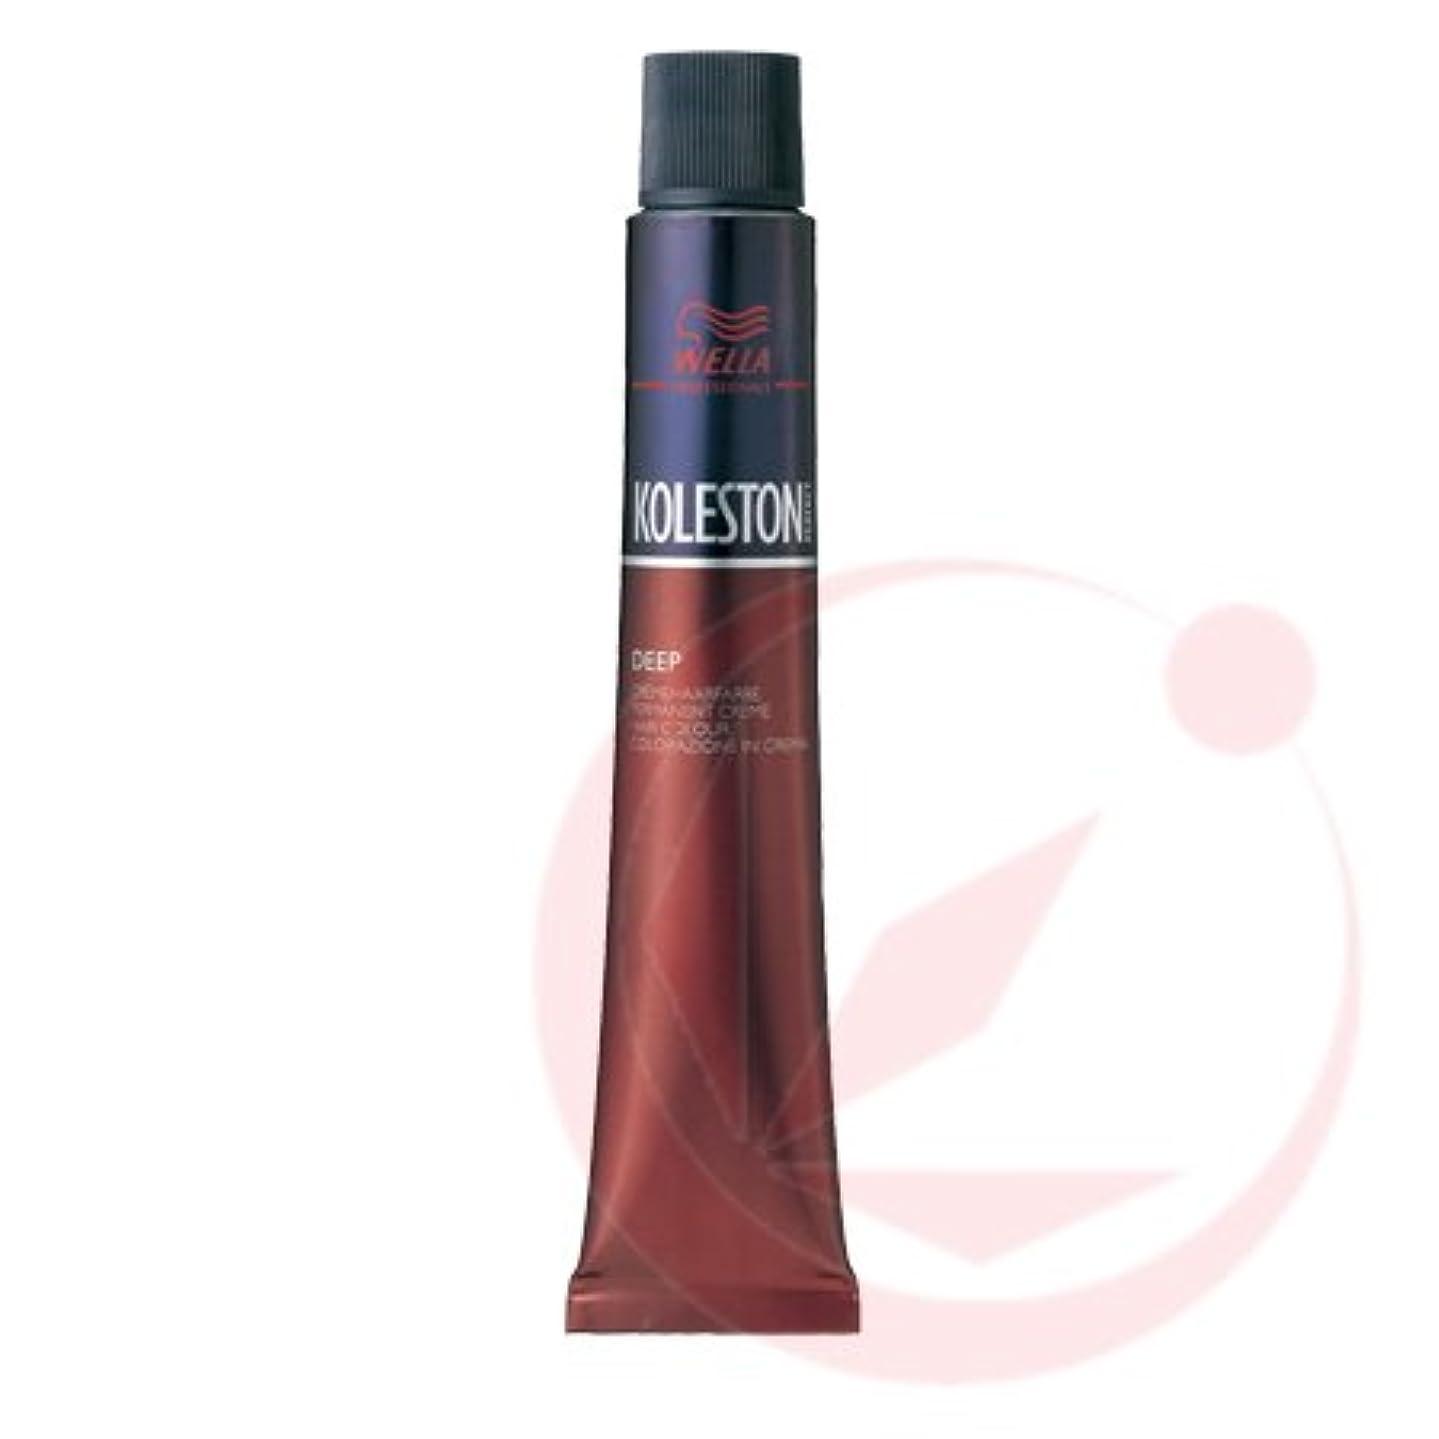 赤面ブレス免除するウエラ コレストンパーフェクト Deep 04 (ディープ) 80g(カラー1剤) 9/04*